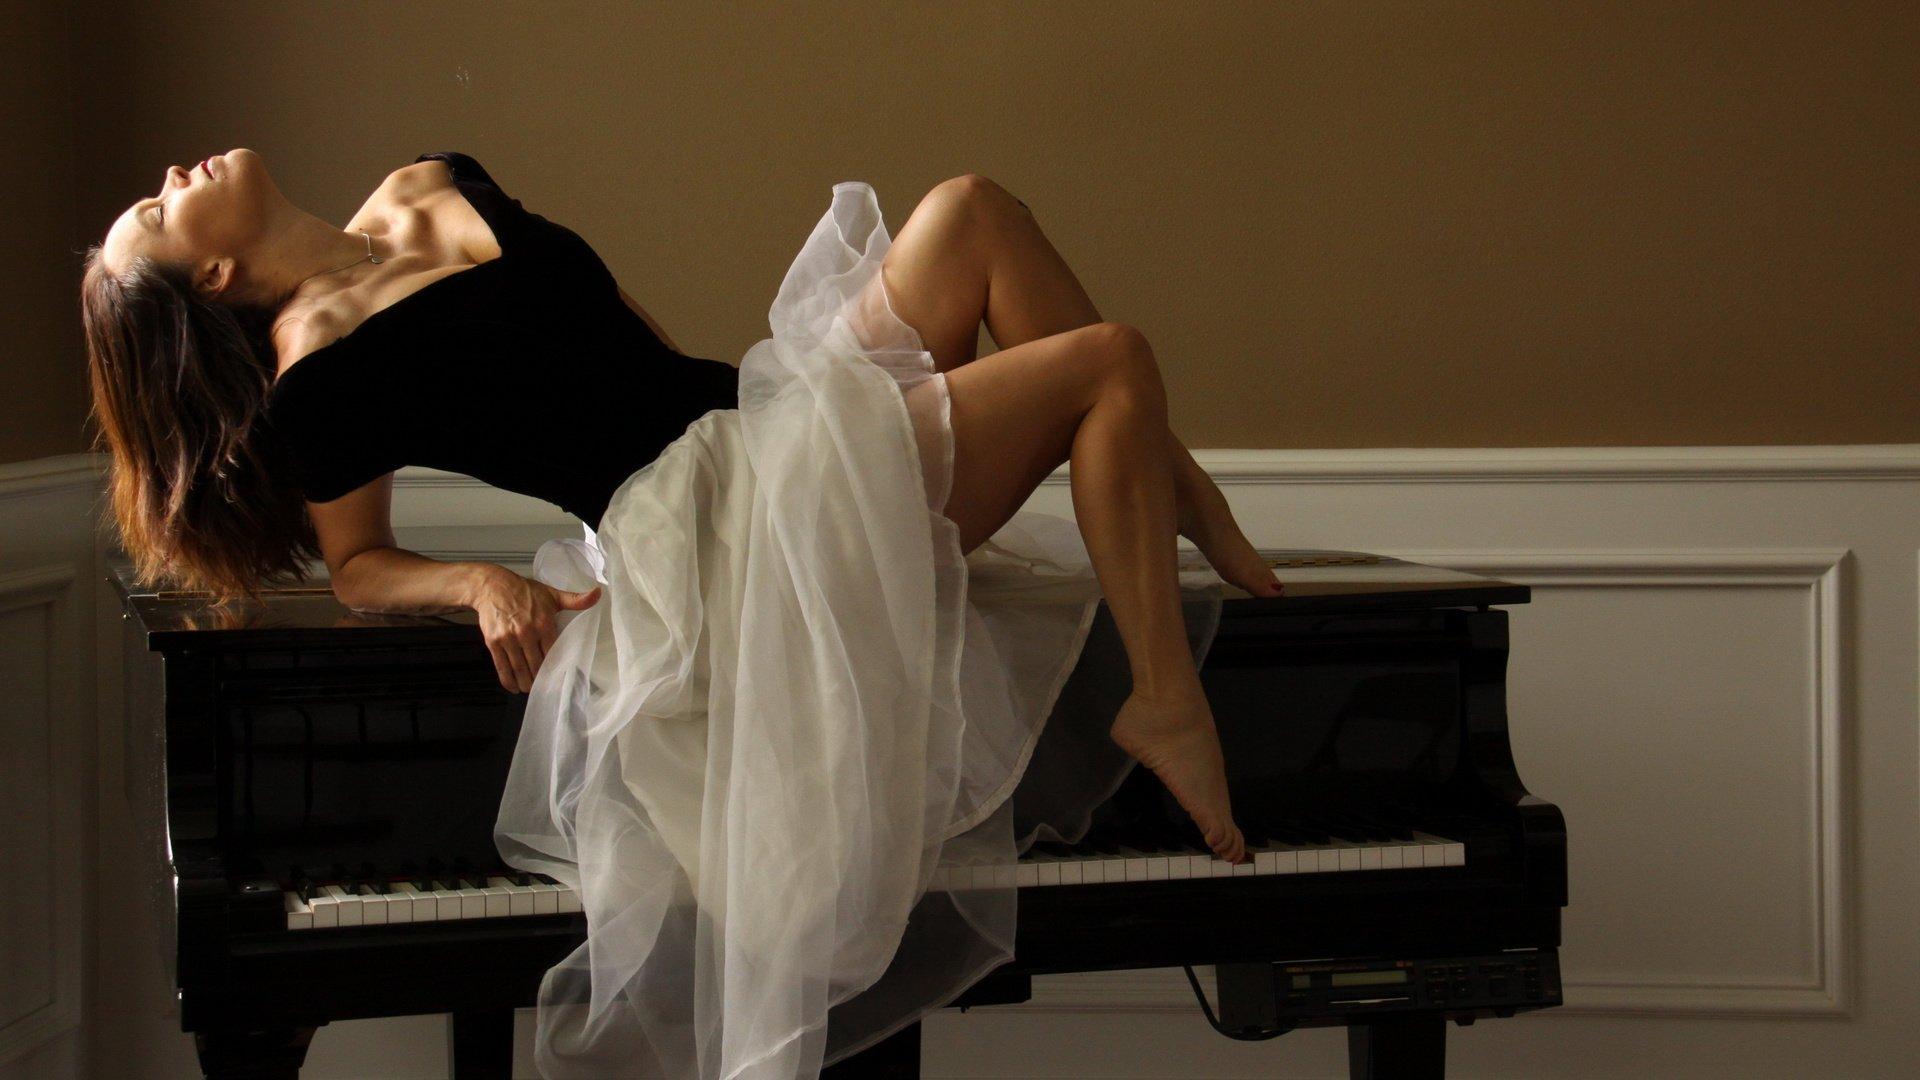 Секс на пианино мужчина послушал 25 фотография